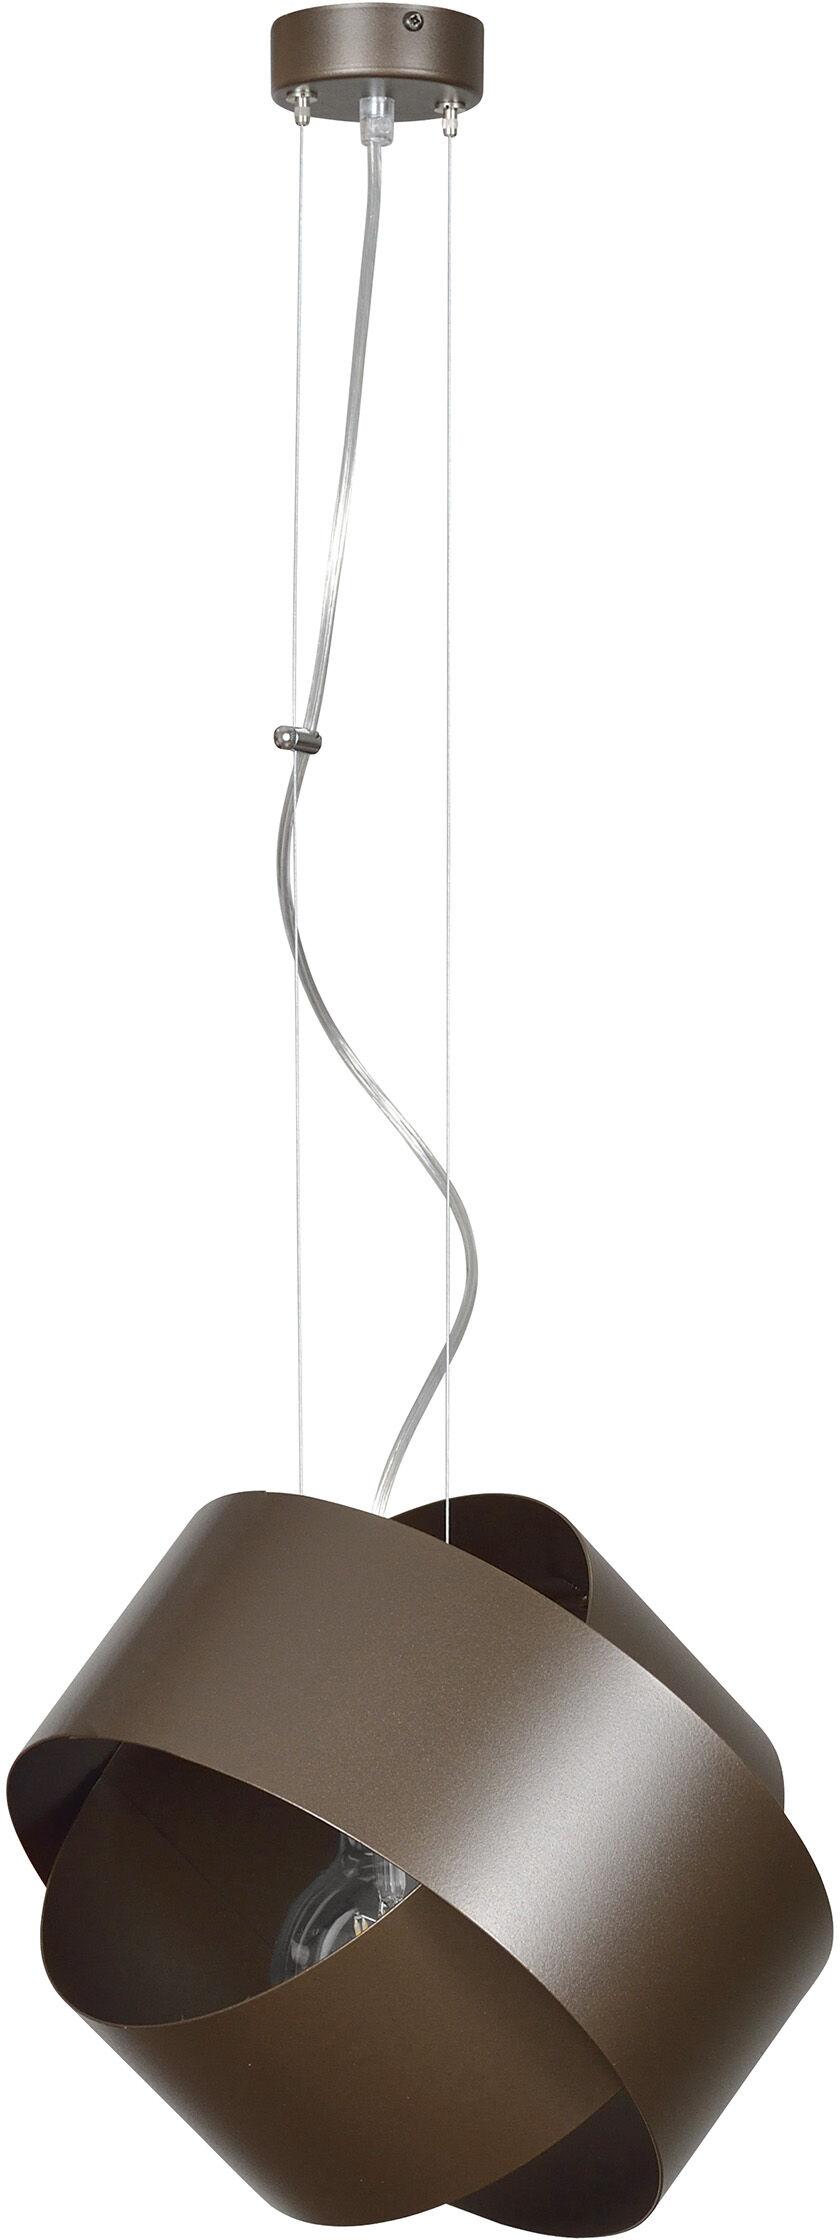 Emibig DROP WENGE 790/4 lampa wisząca brązowa nowoczesna metalowa regulowana design 1x60W E27 32cm